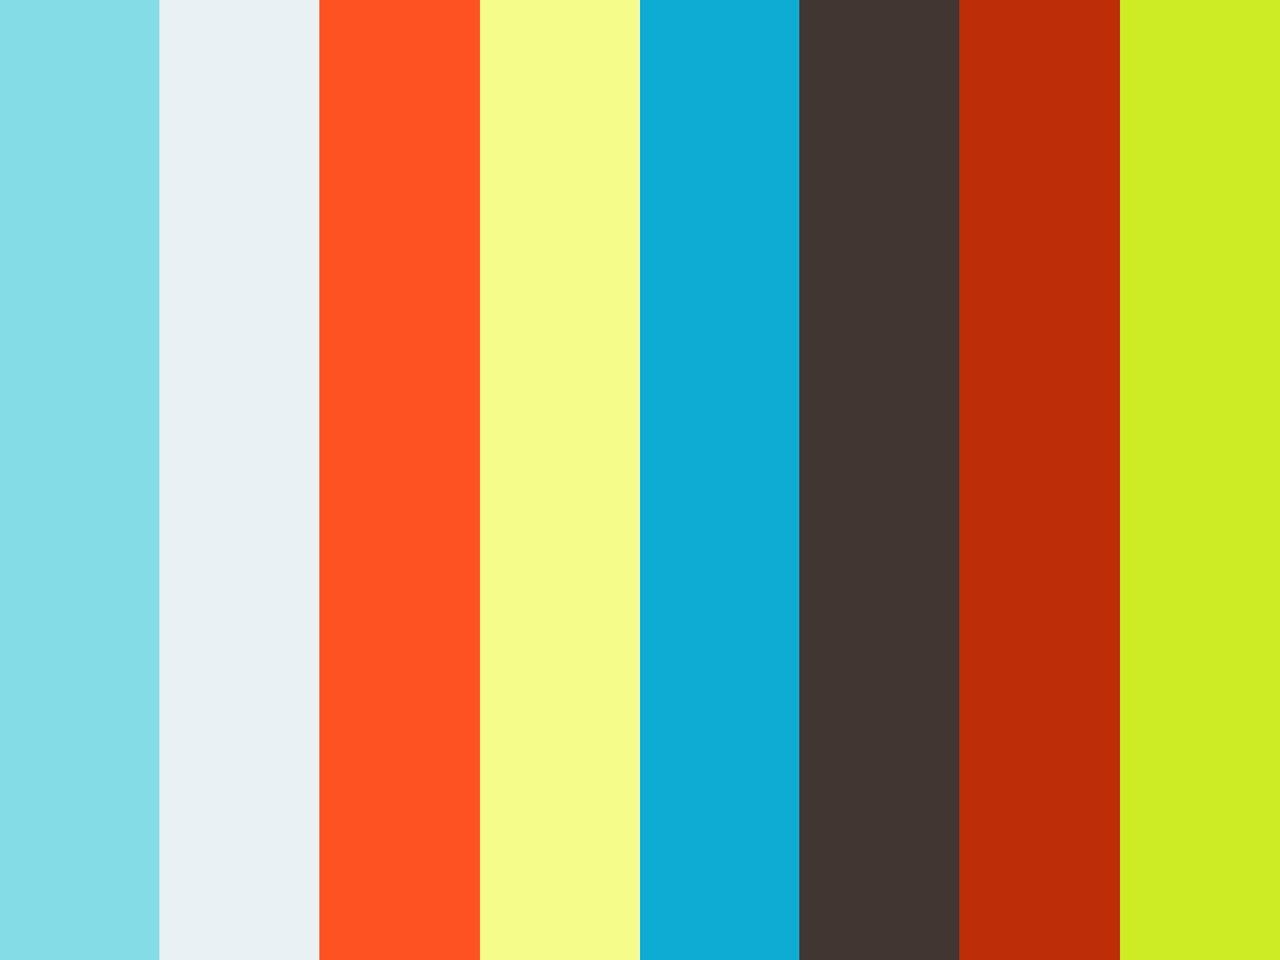 Blaesbjerg.com til kaffen - Planlæg dine mailudsendelser